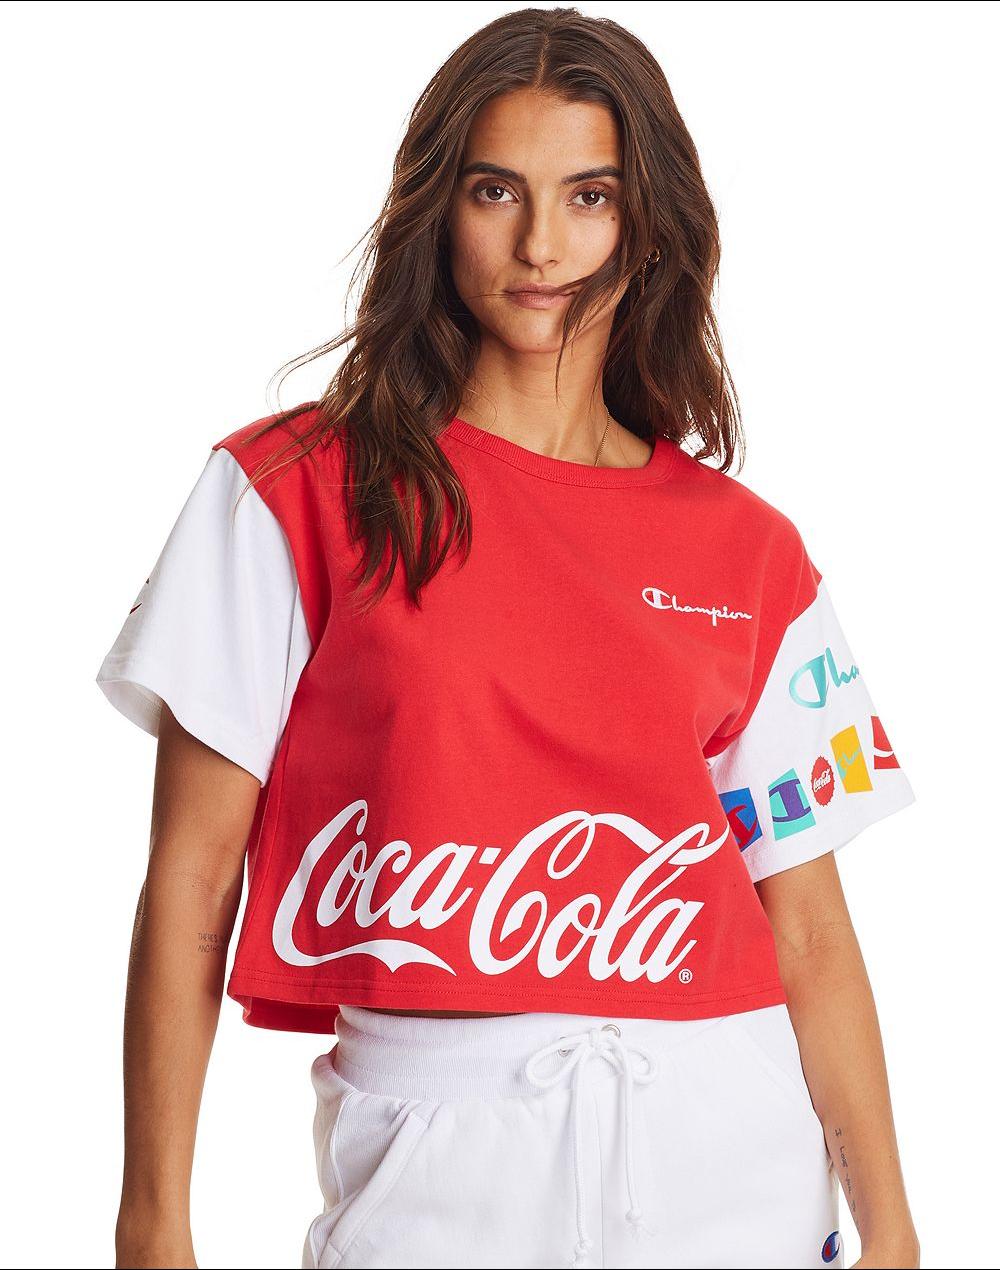 Champion x Coca-Cola